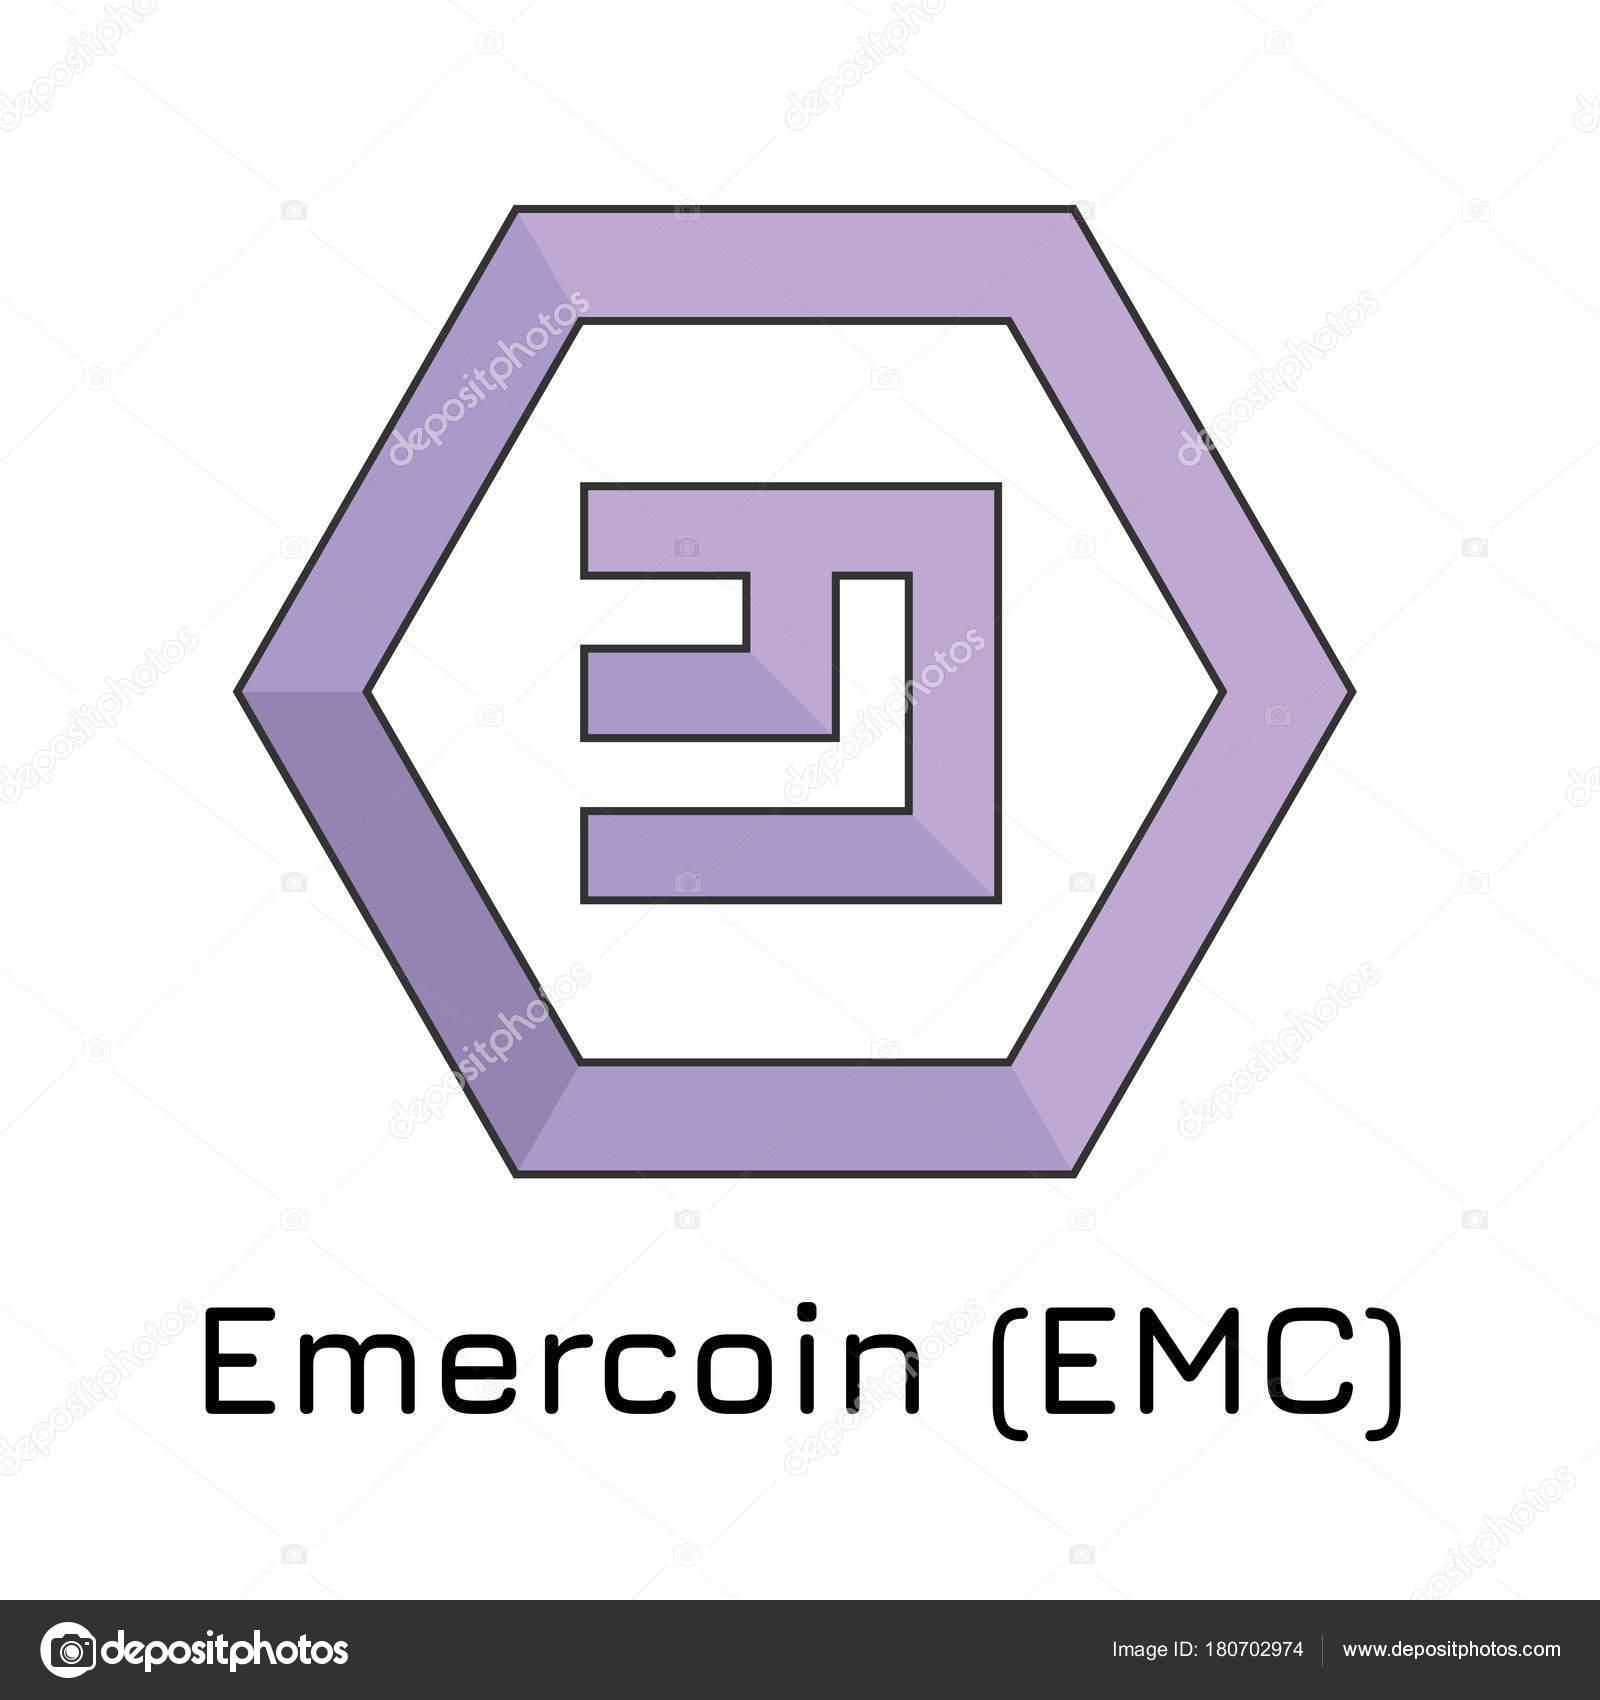 Emercoin Emc